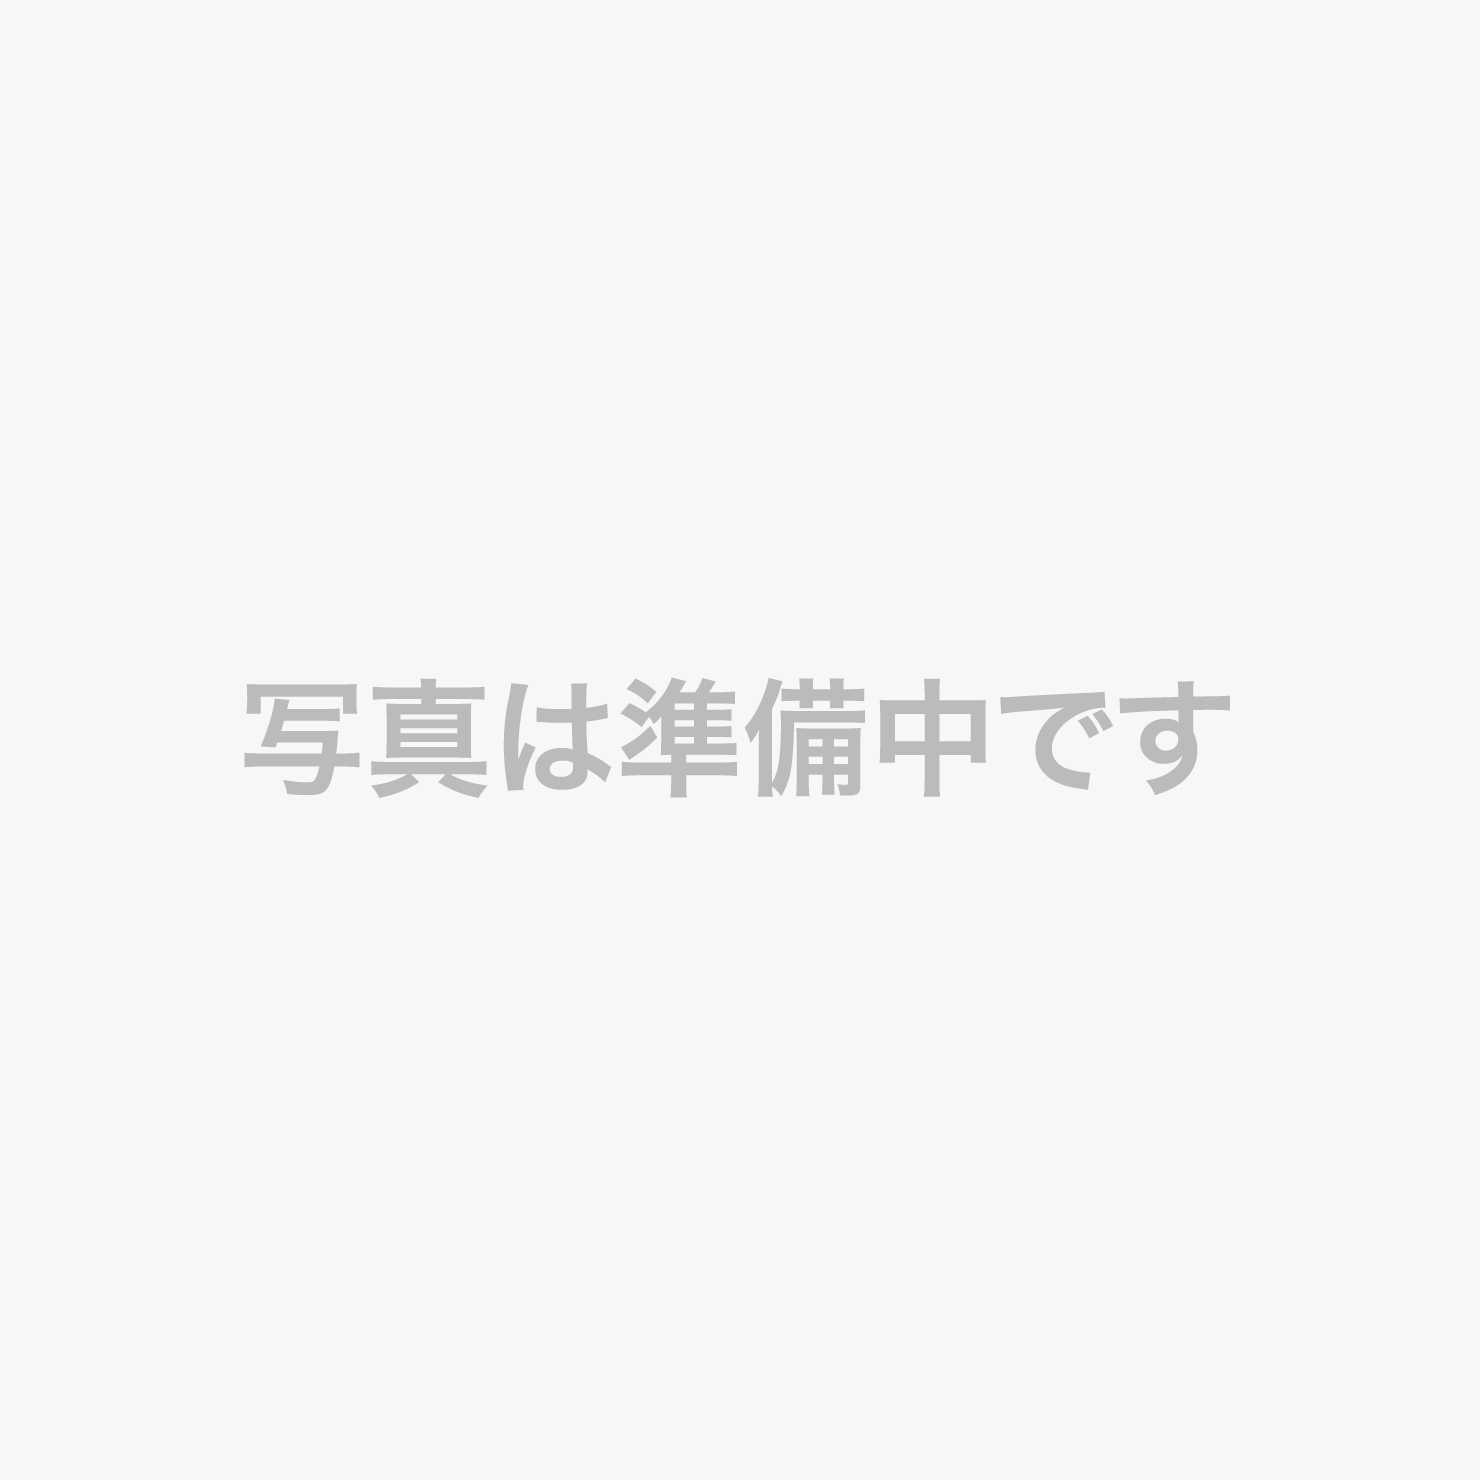 7月~9月!飛騨牛すき焼き・鮎の塩焼き・お造り五種盛りが一人前づつ!+和洋中約25種食べ放題&飲み放題!